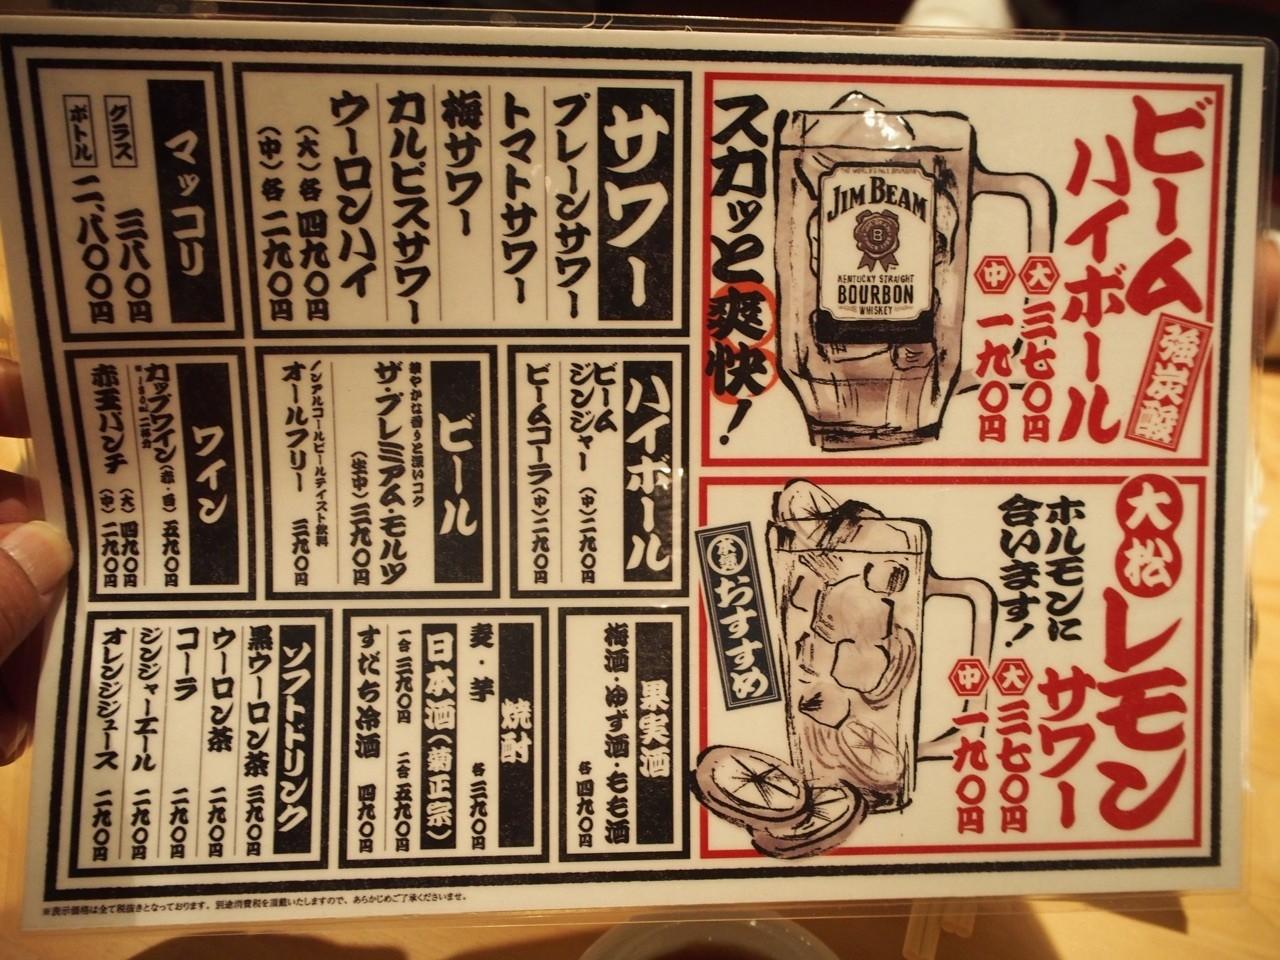 大眾燒肉店飲品菜單